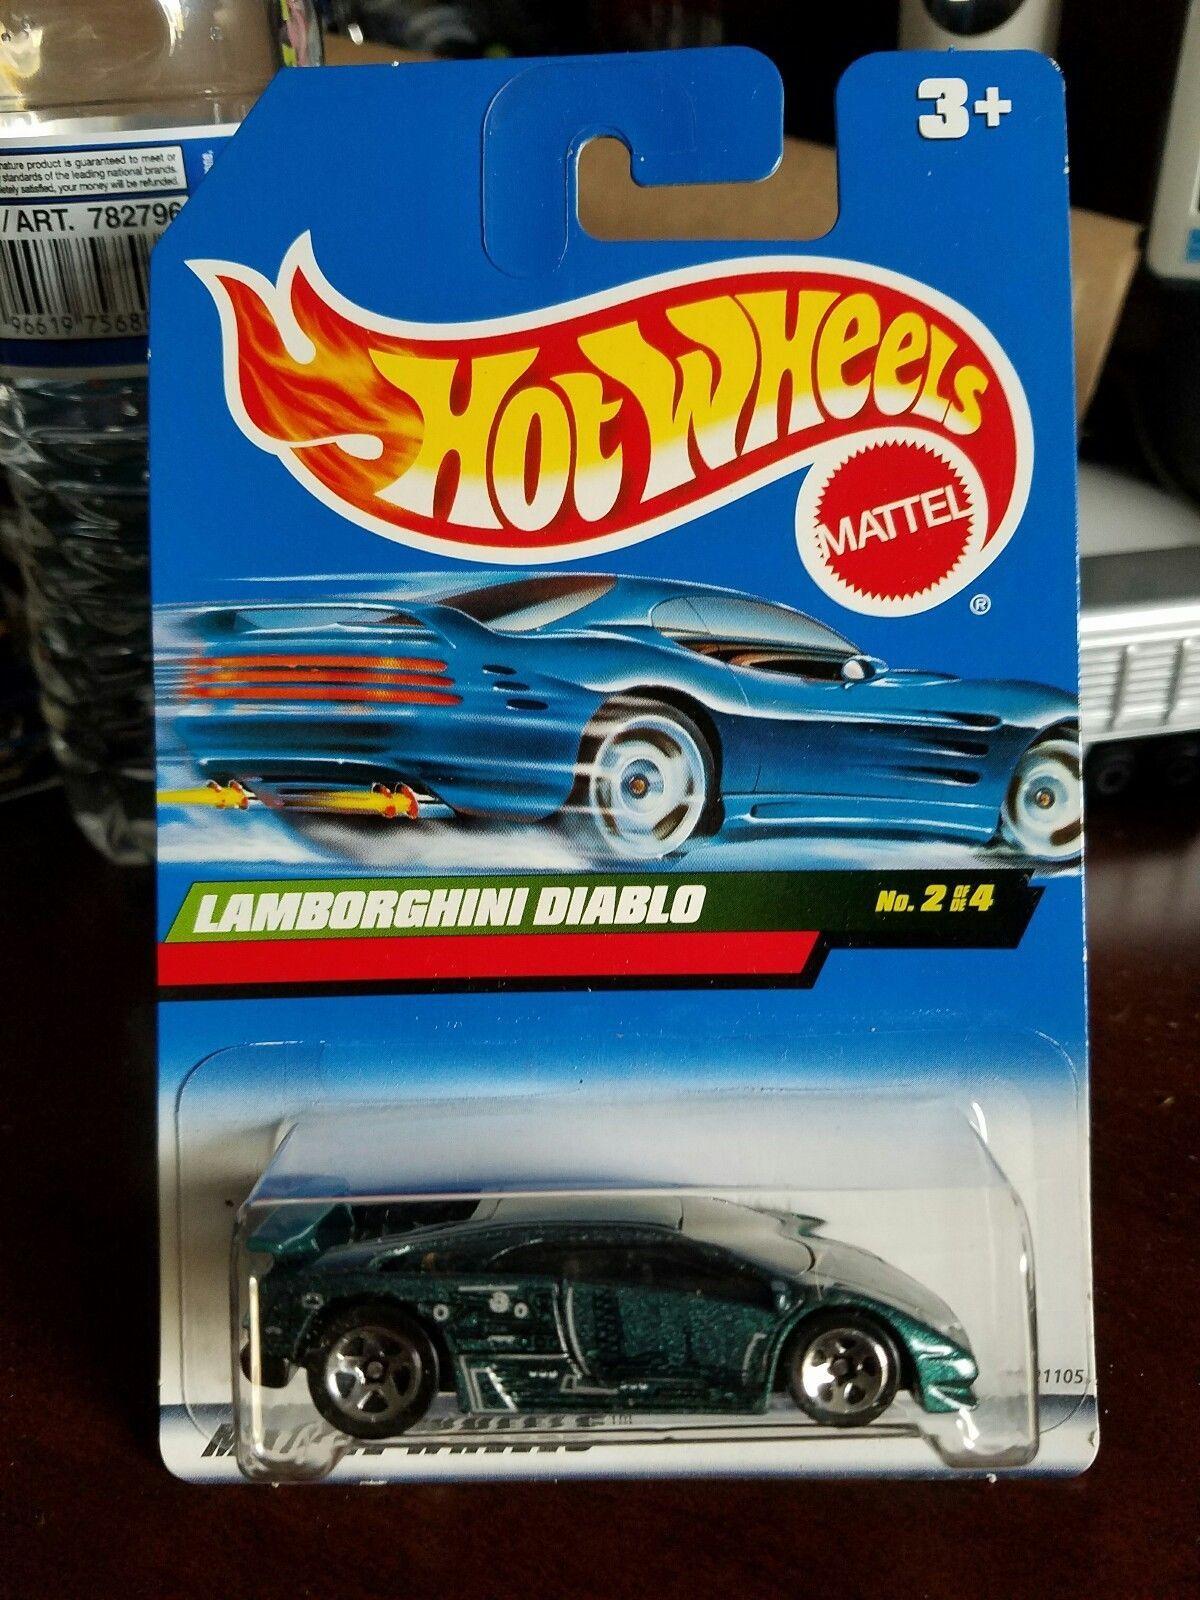 ecf0030c553c3f462c4cbef1da8579ac Elegant Bugatti Veyron toy Car Hot Wheels Cars Trend